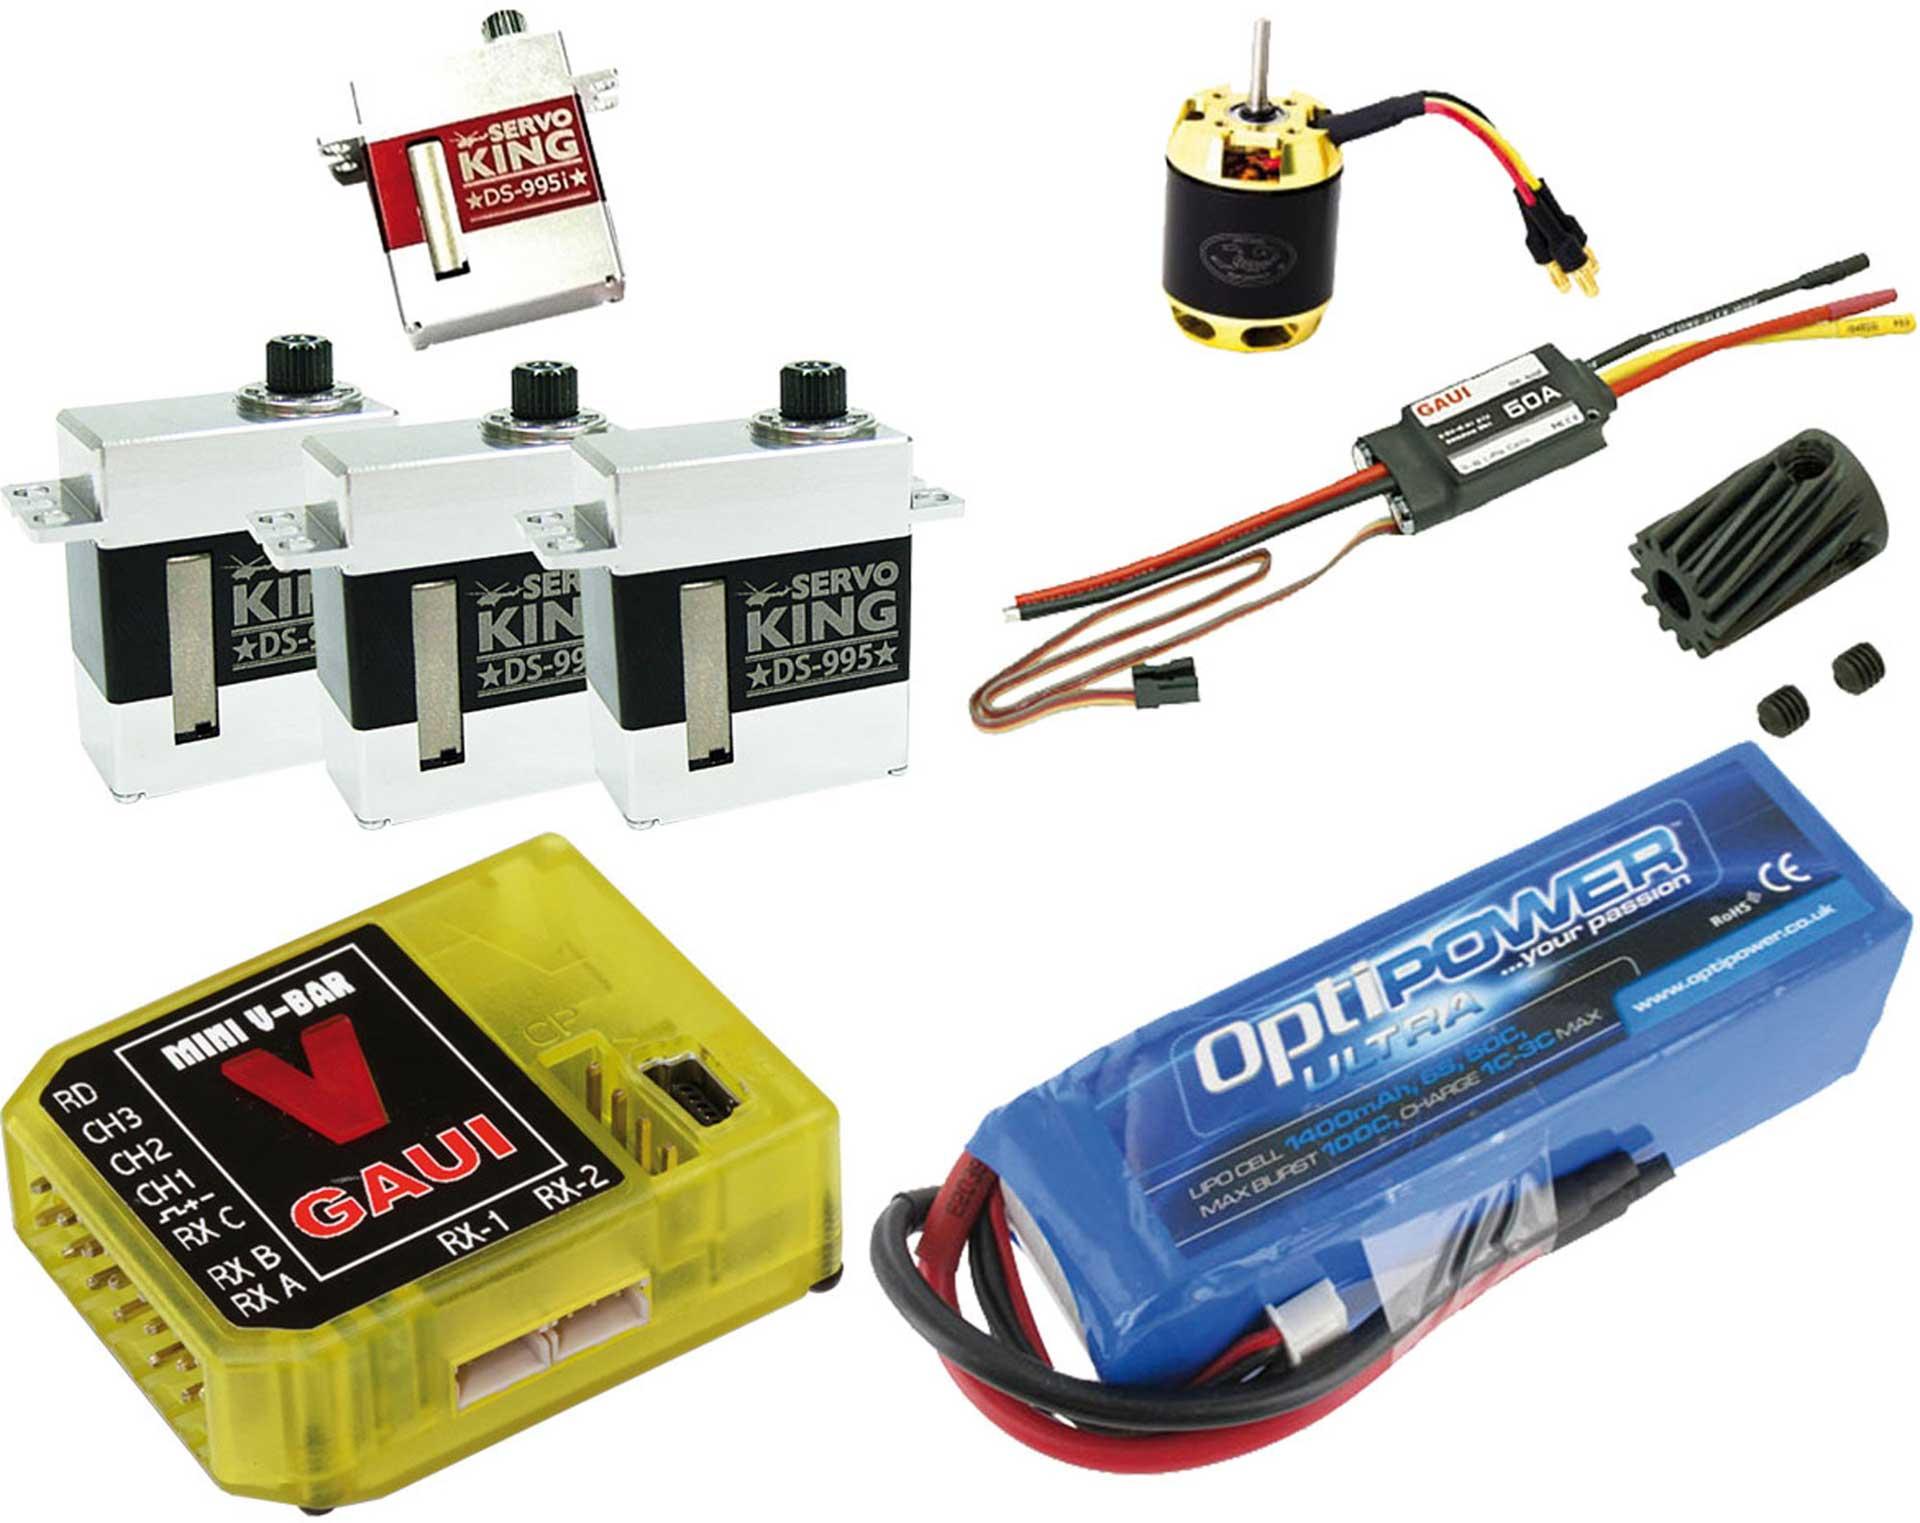 DIVERSE X3 /450 ELEKTRONIKSET ServoKing ANTRIEBSSET GAUI X3 ODER ÄHNLICHE 450ER